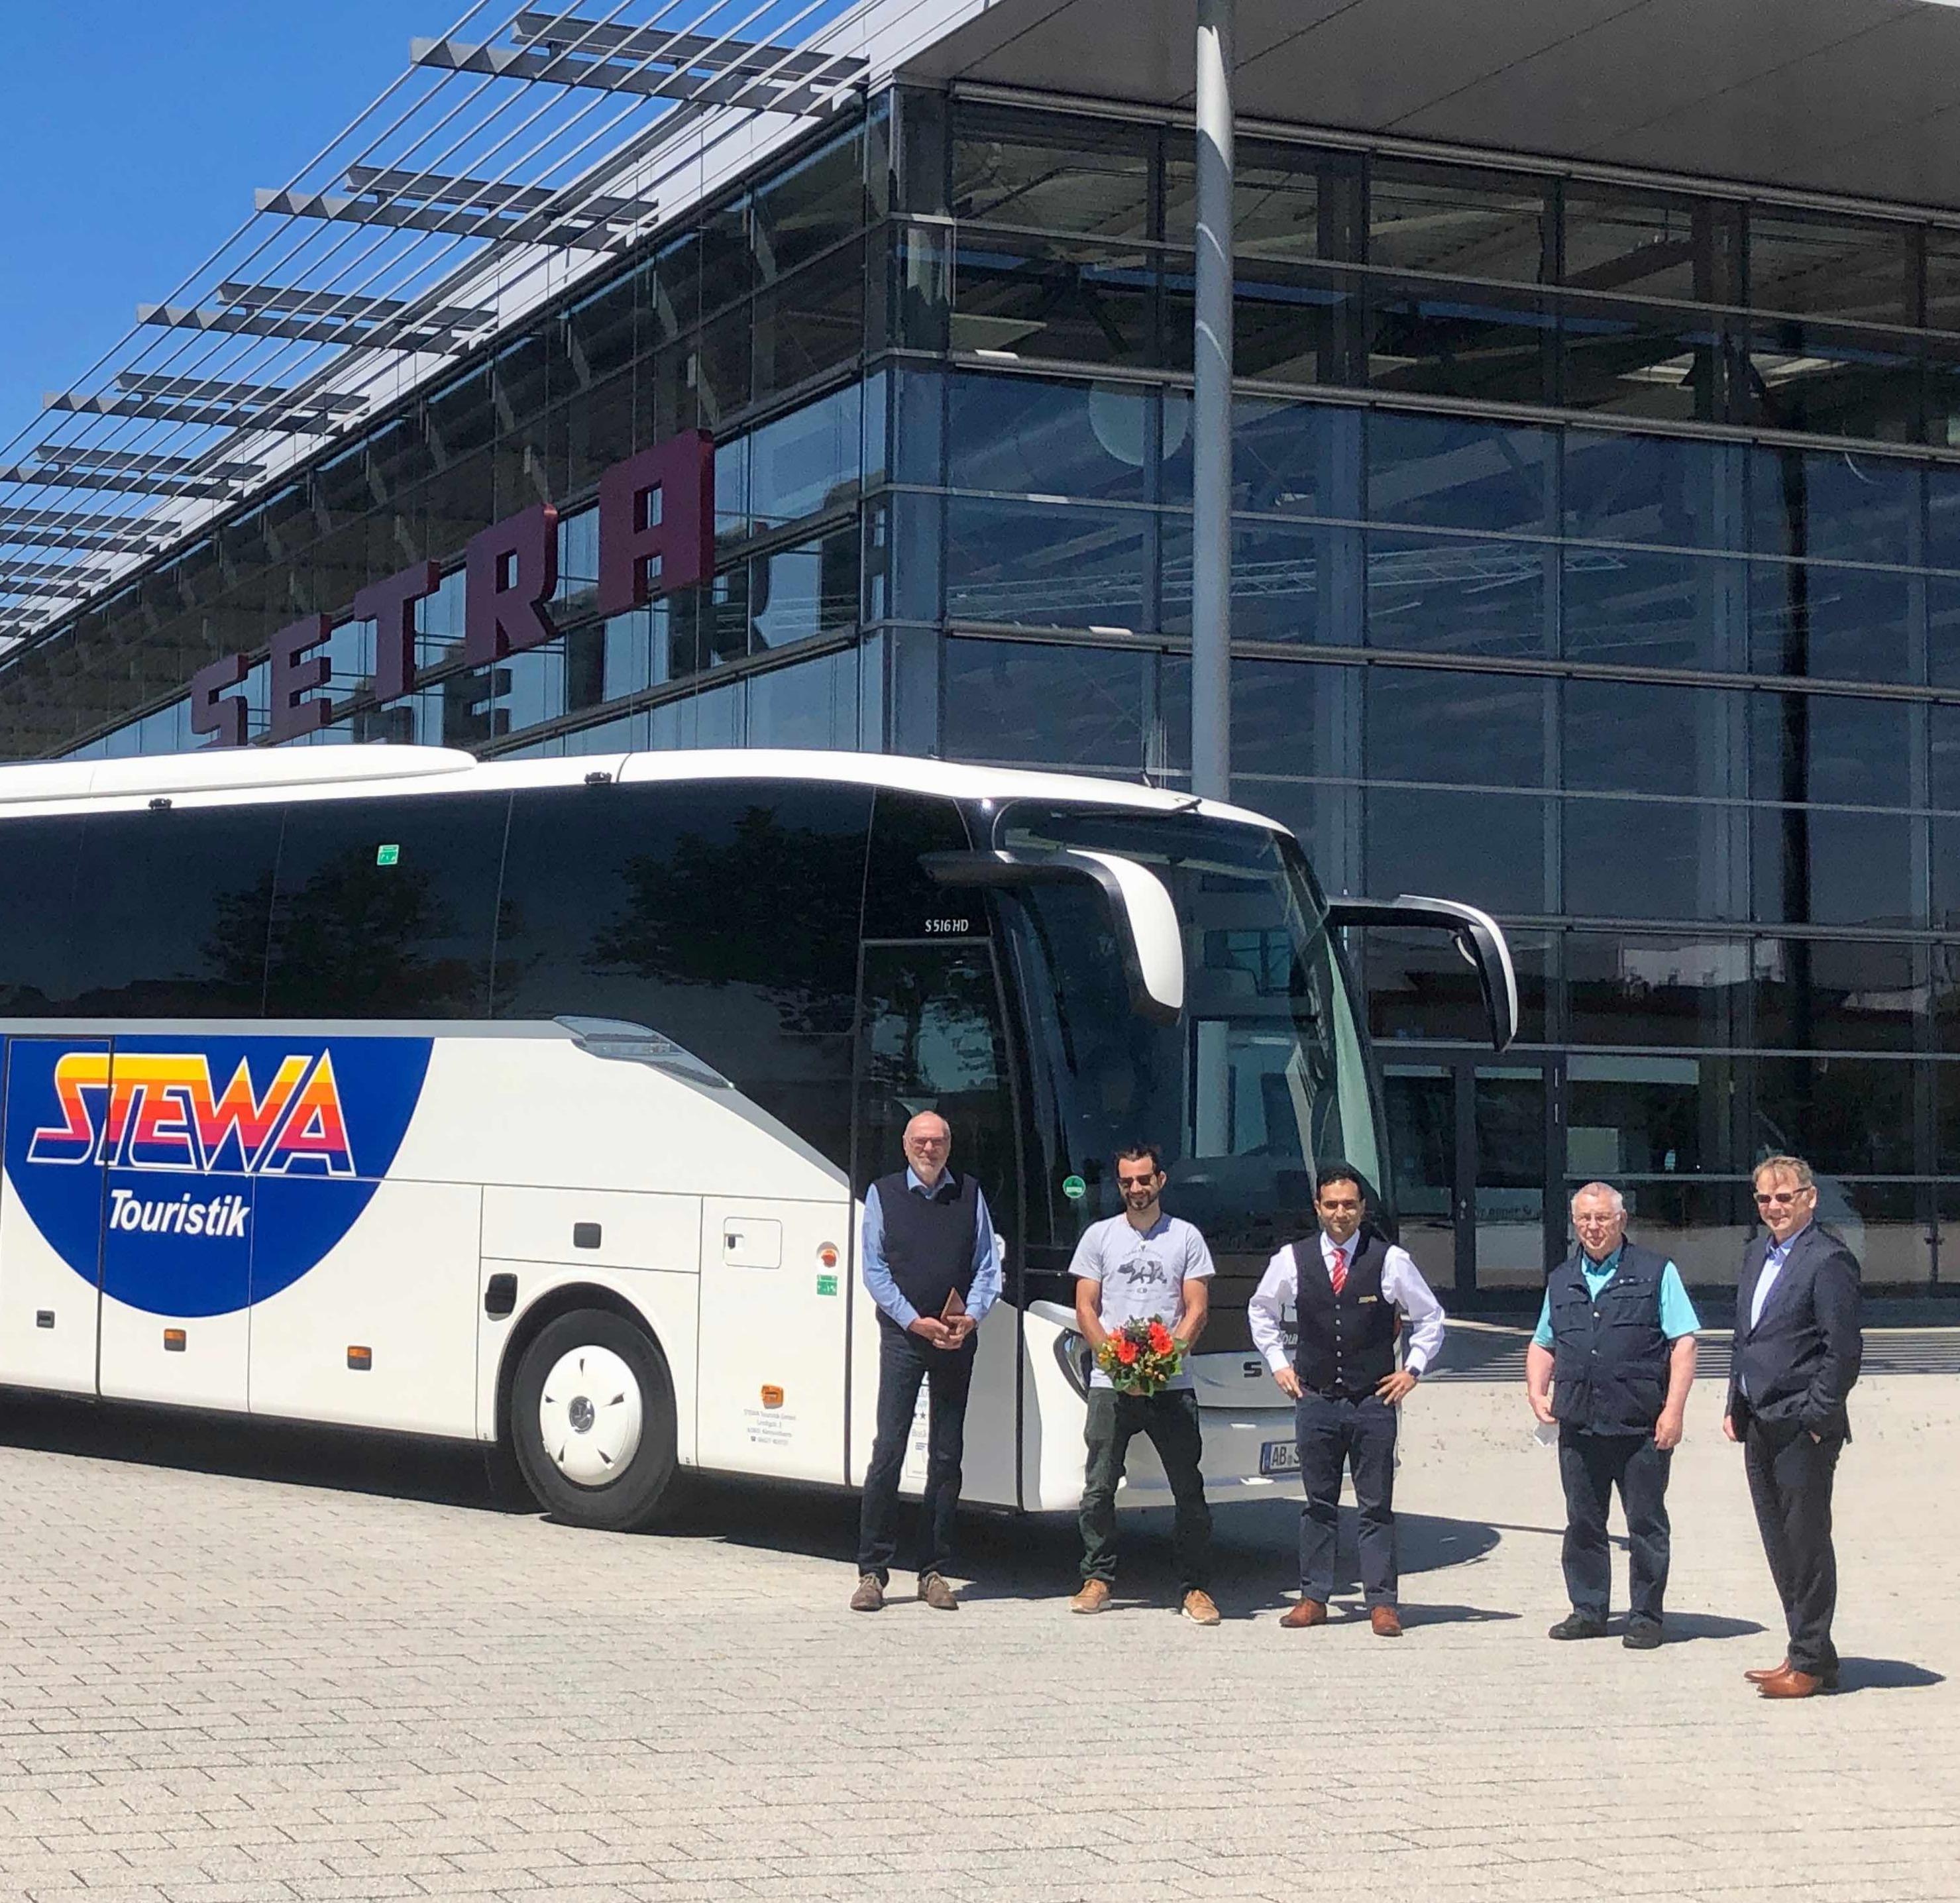 Neuer Reisebus für STEWA Touristik